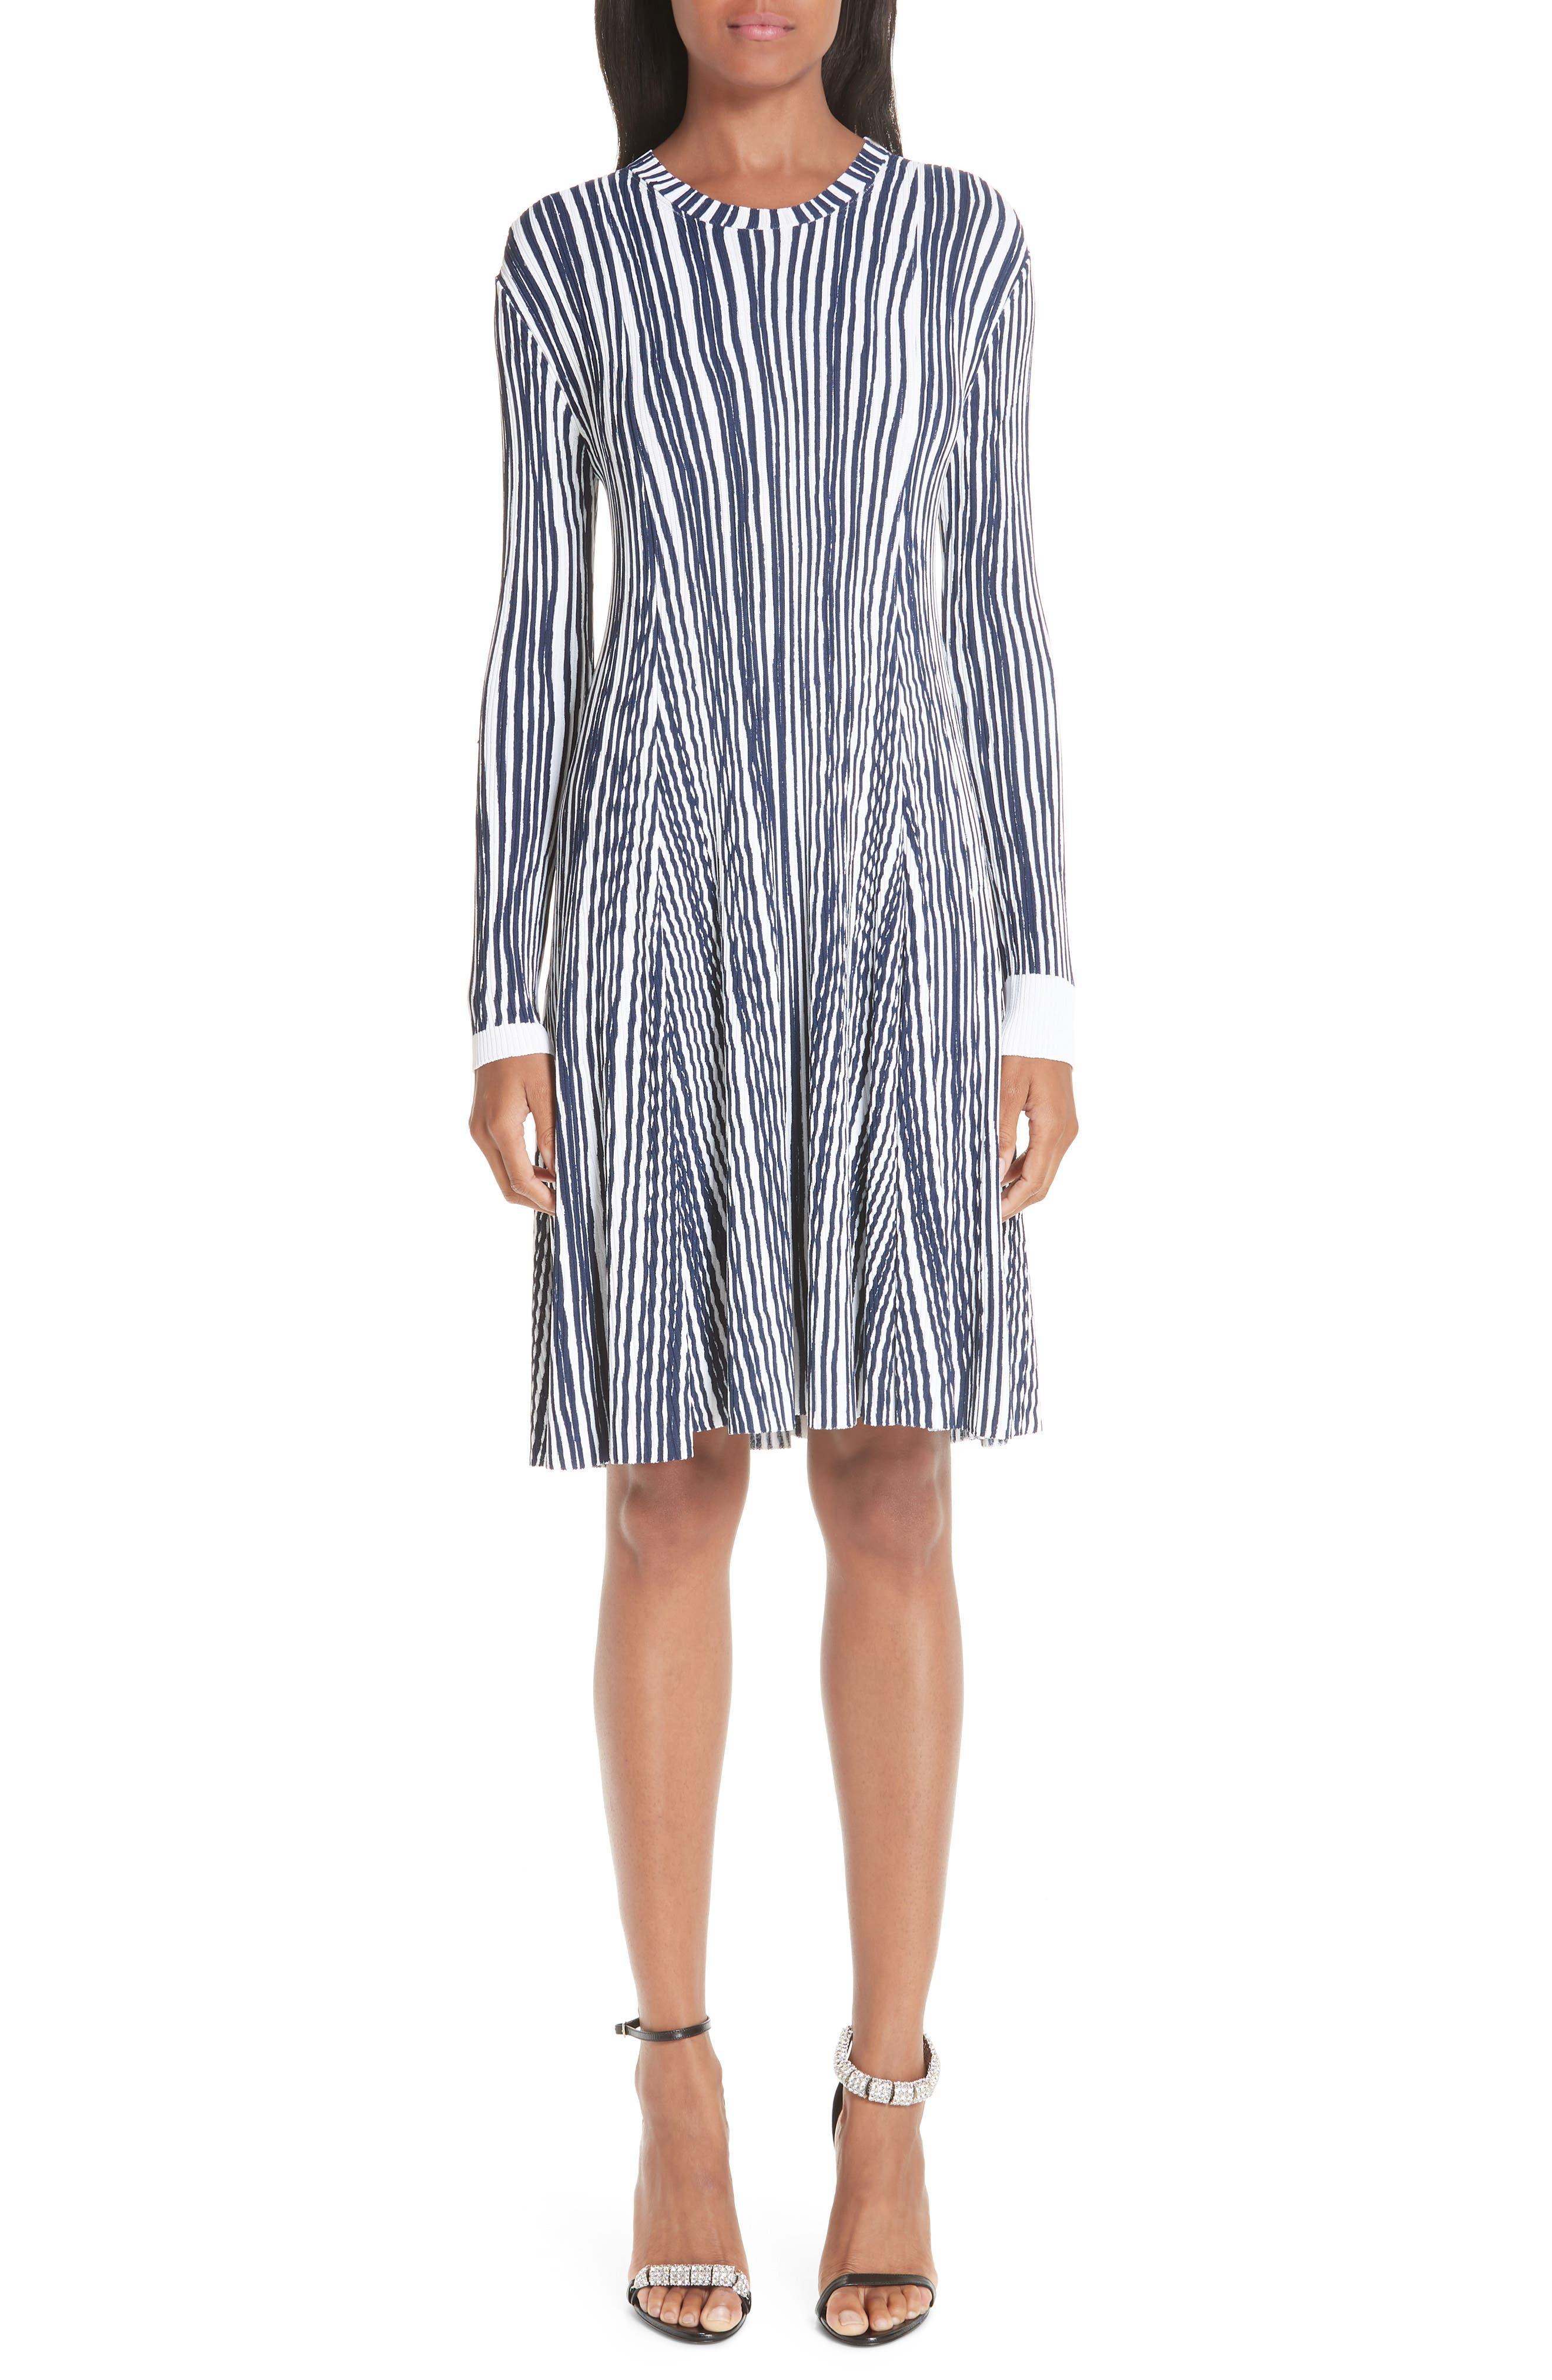 205w39nyc Stripe Dress Knit Rib Calvin Klein RqHnwFx5